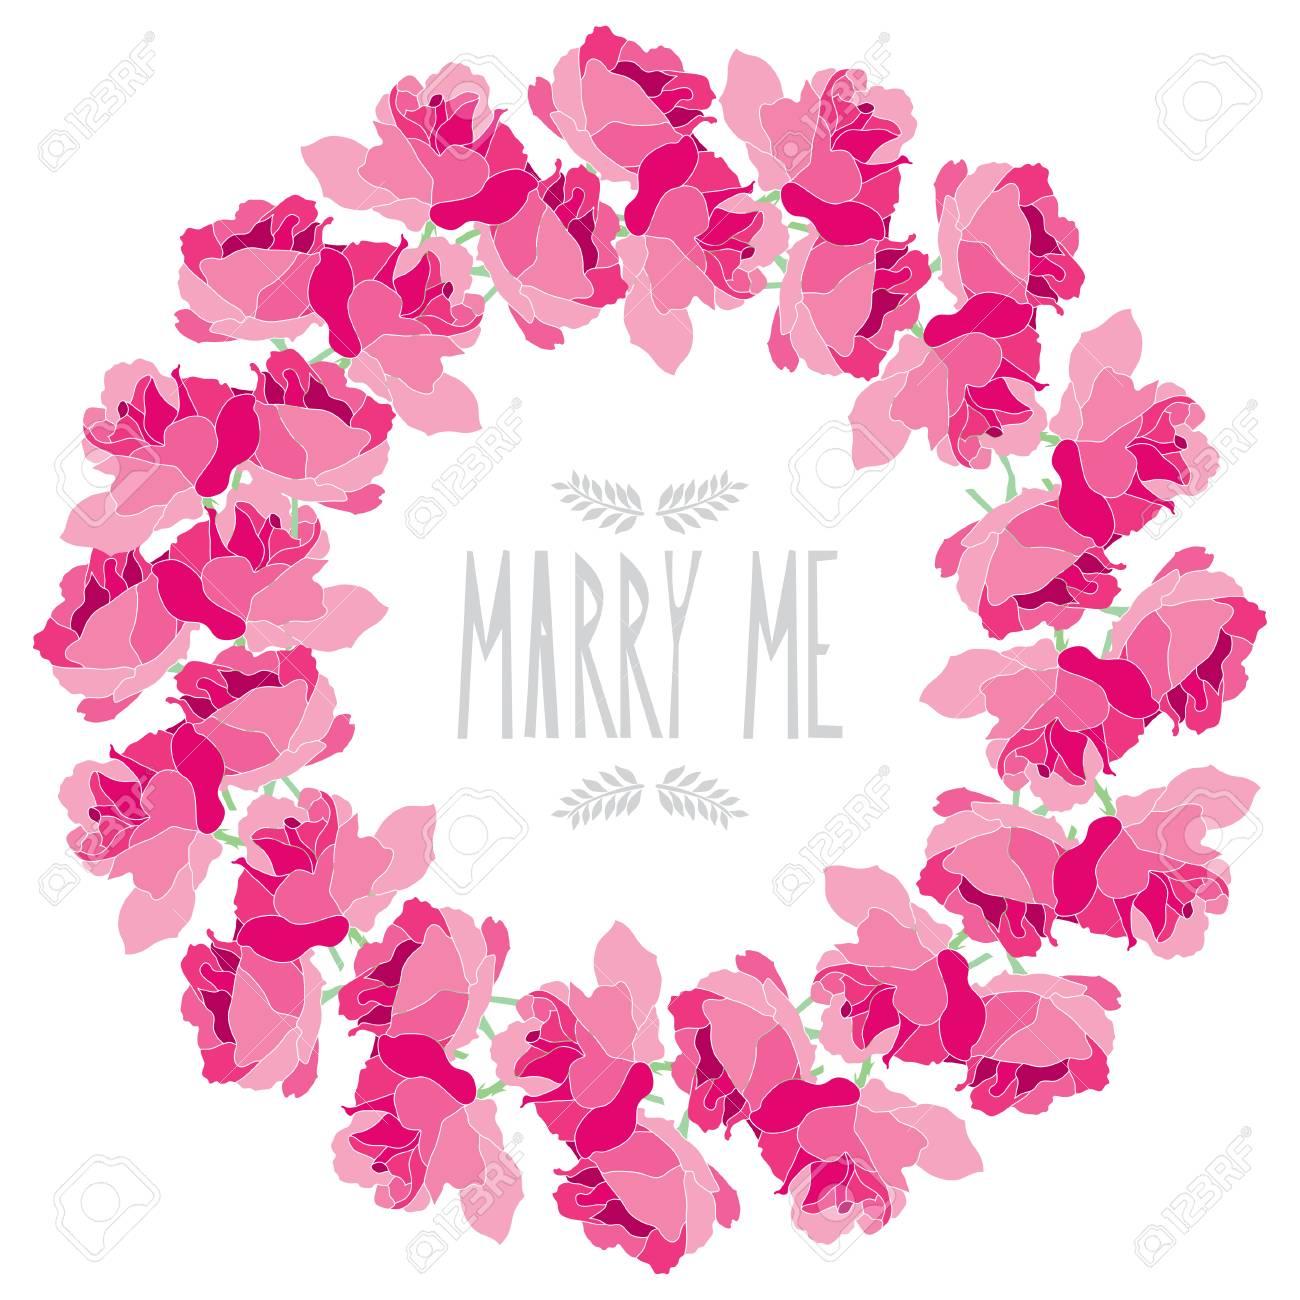 Guirnalda Elegante Con Flores Decorativas De Rosa Elemento De Diseño Puede Ser Utilizado Para Casarse Fiesta De Bienvenida Al Bebé Día De Madres